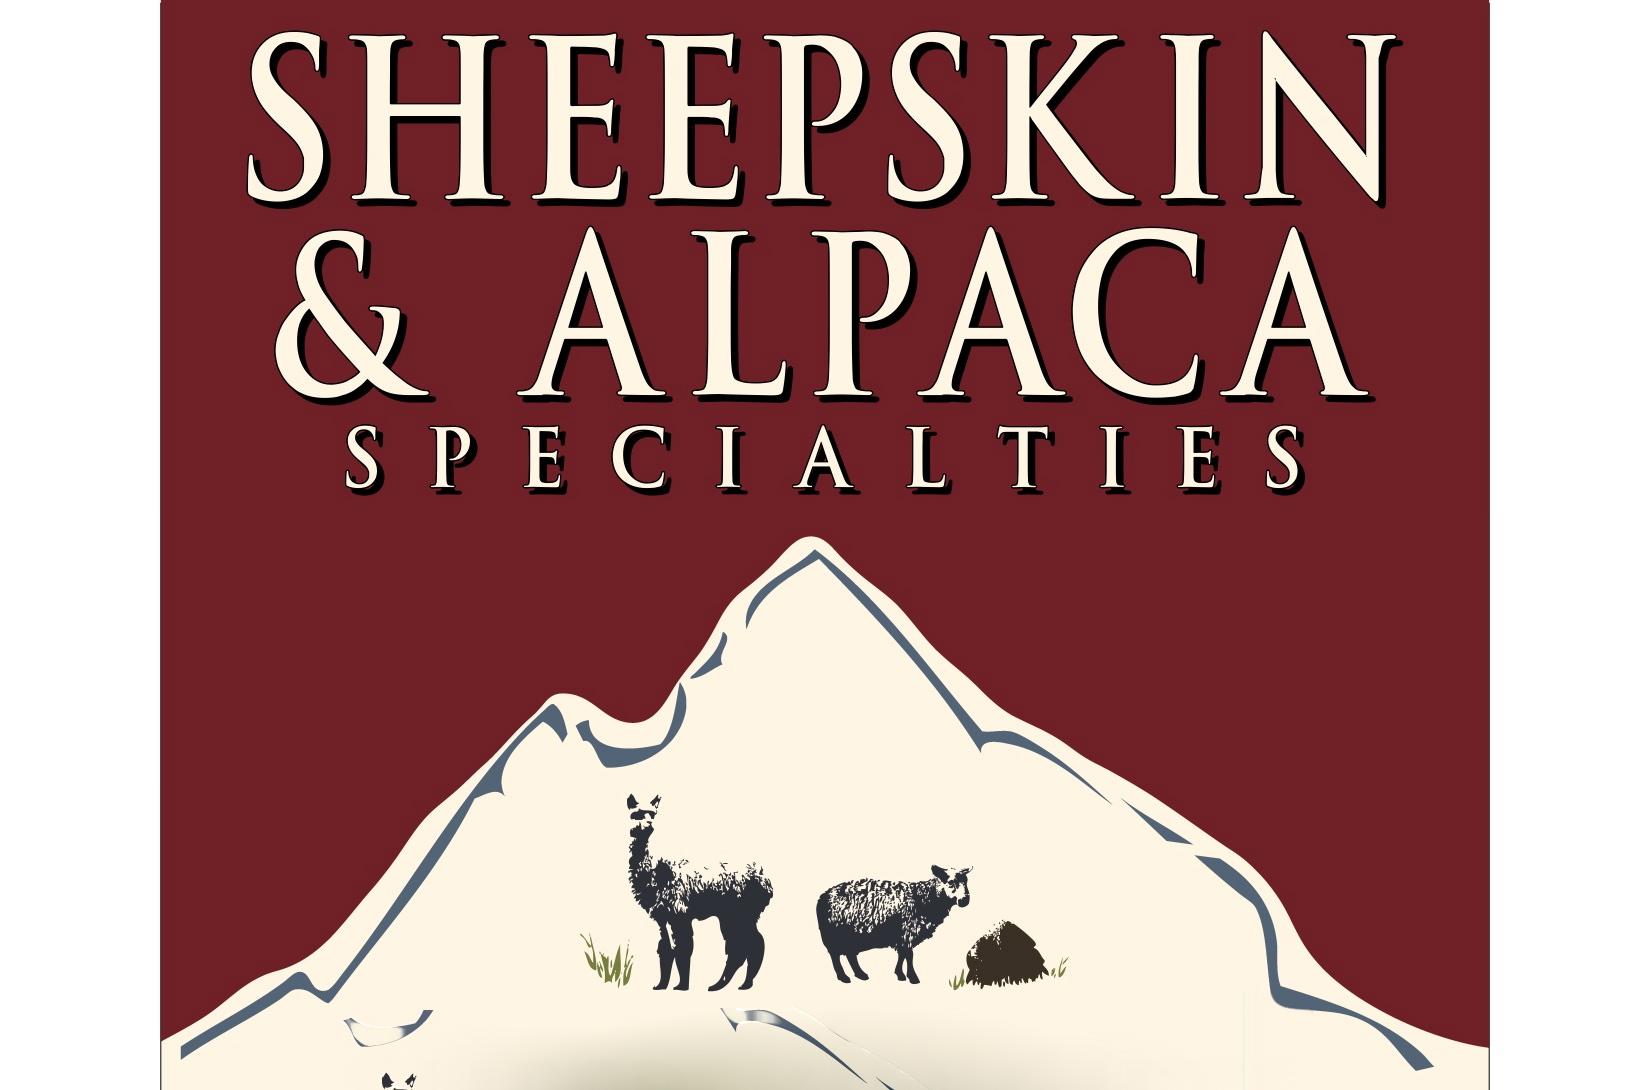 Sheepskin & Alpaca Specialties